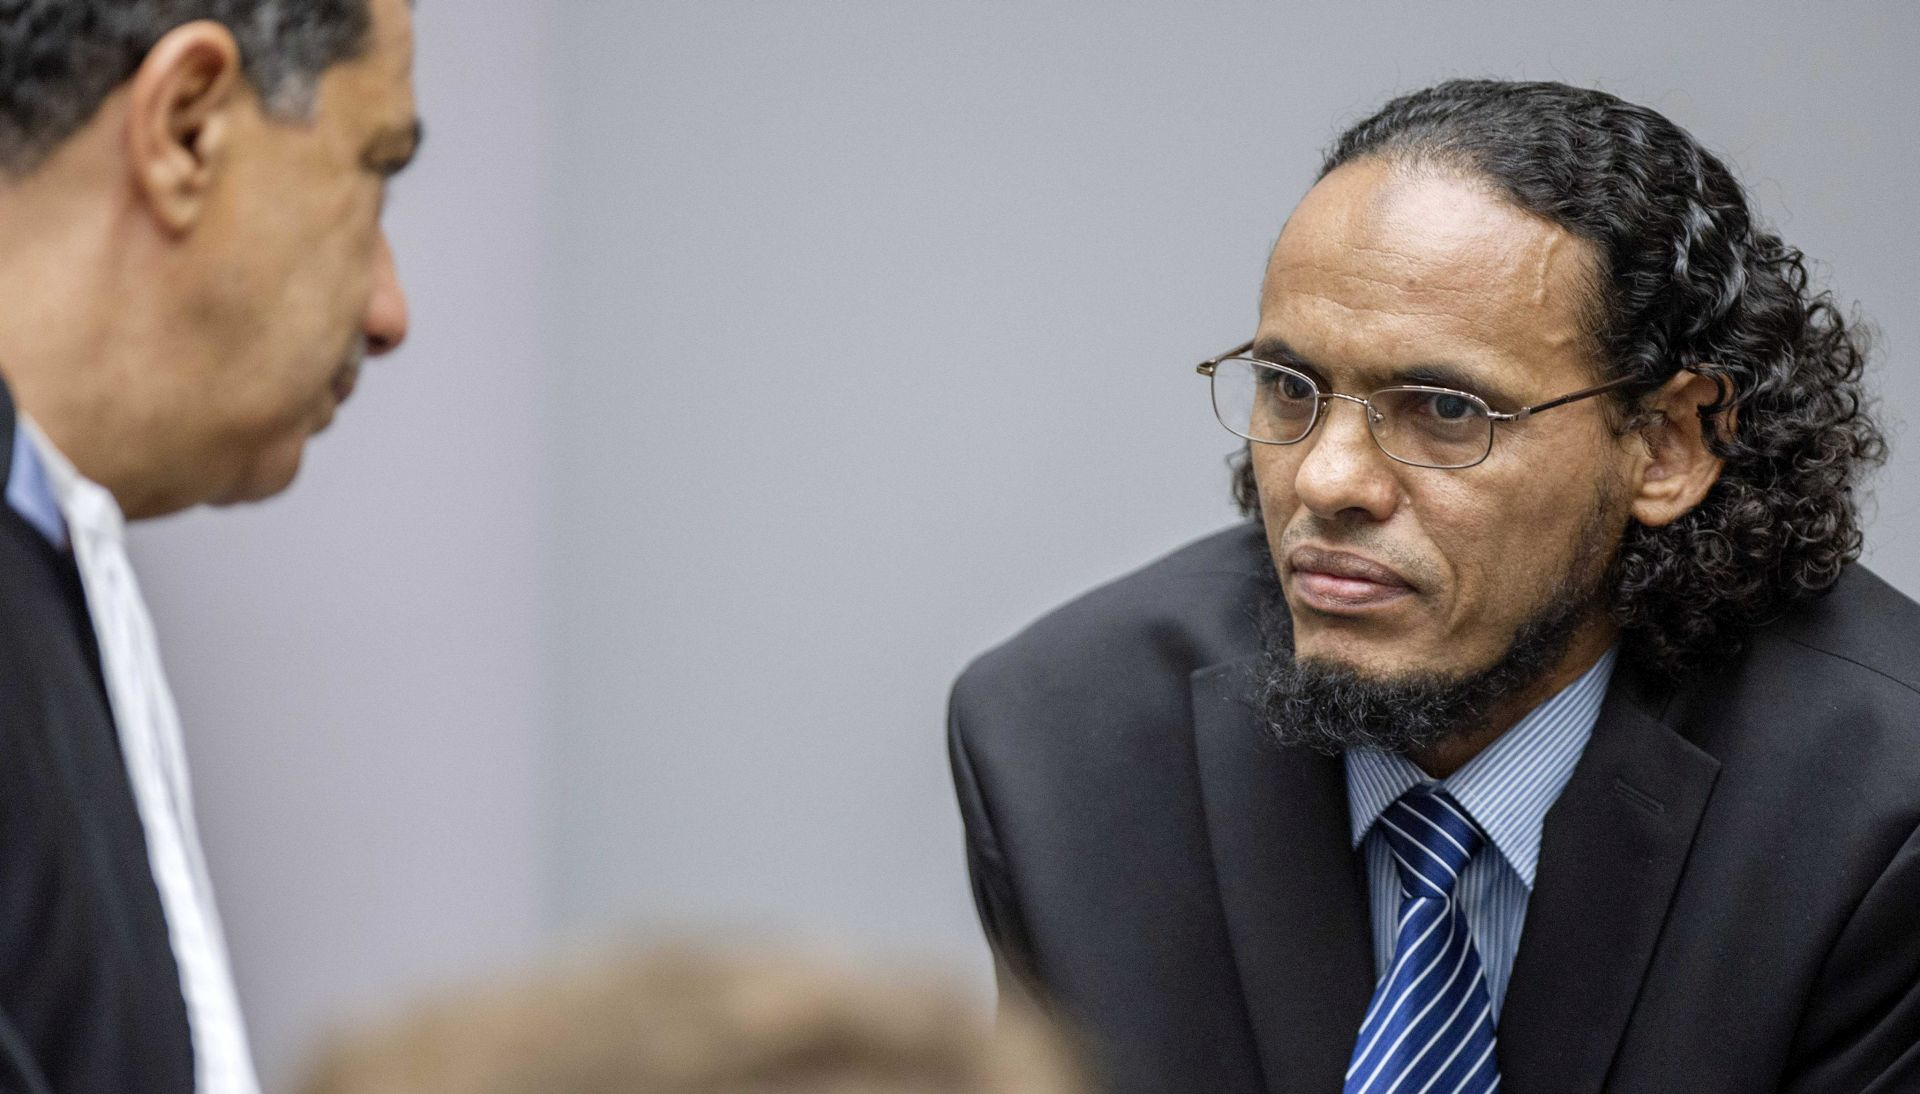 PRIJETI MU 30 GODINA ZATVORA Džihadist pred ICC-om priznao krivnju za razaranje mauzoleja u Timbuktuu